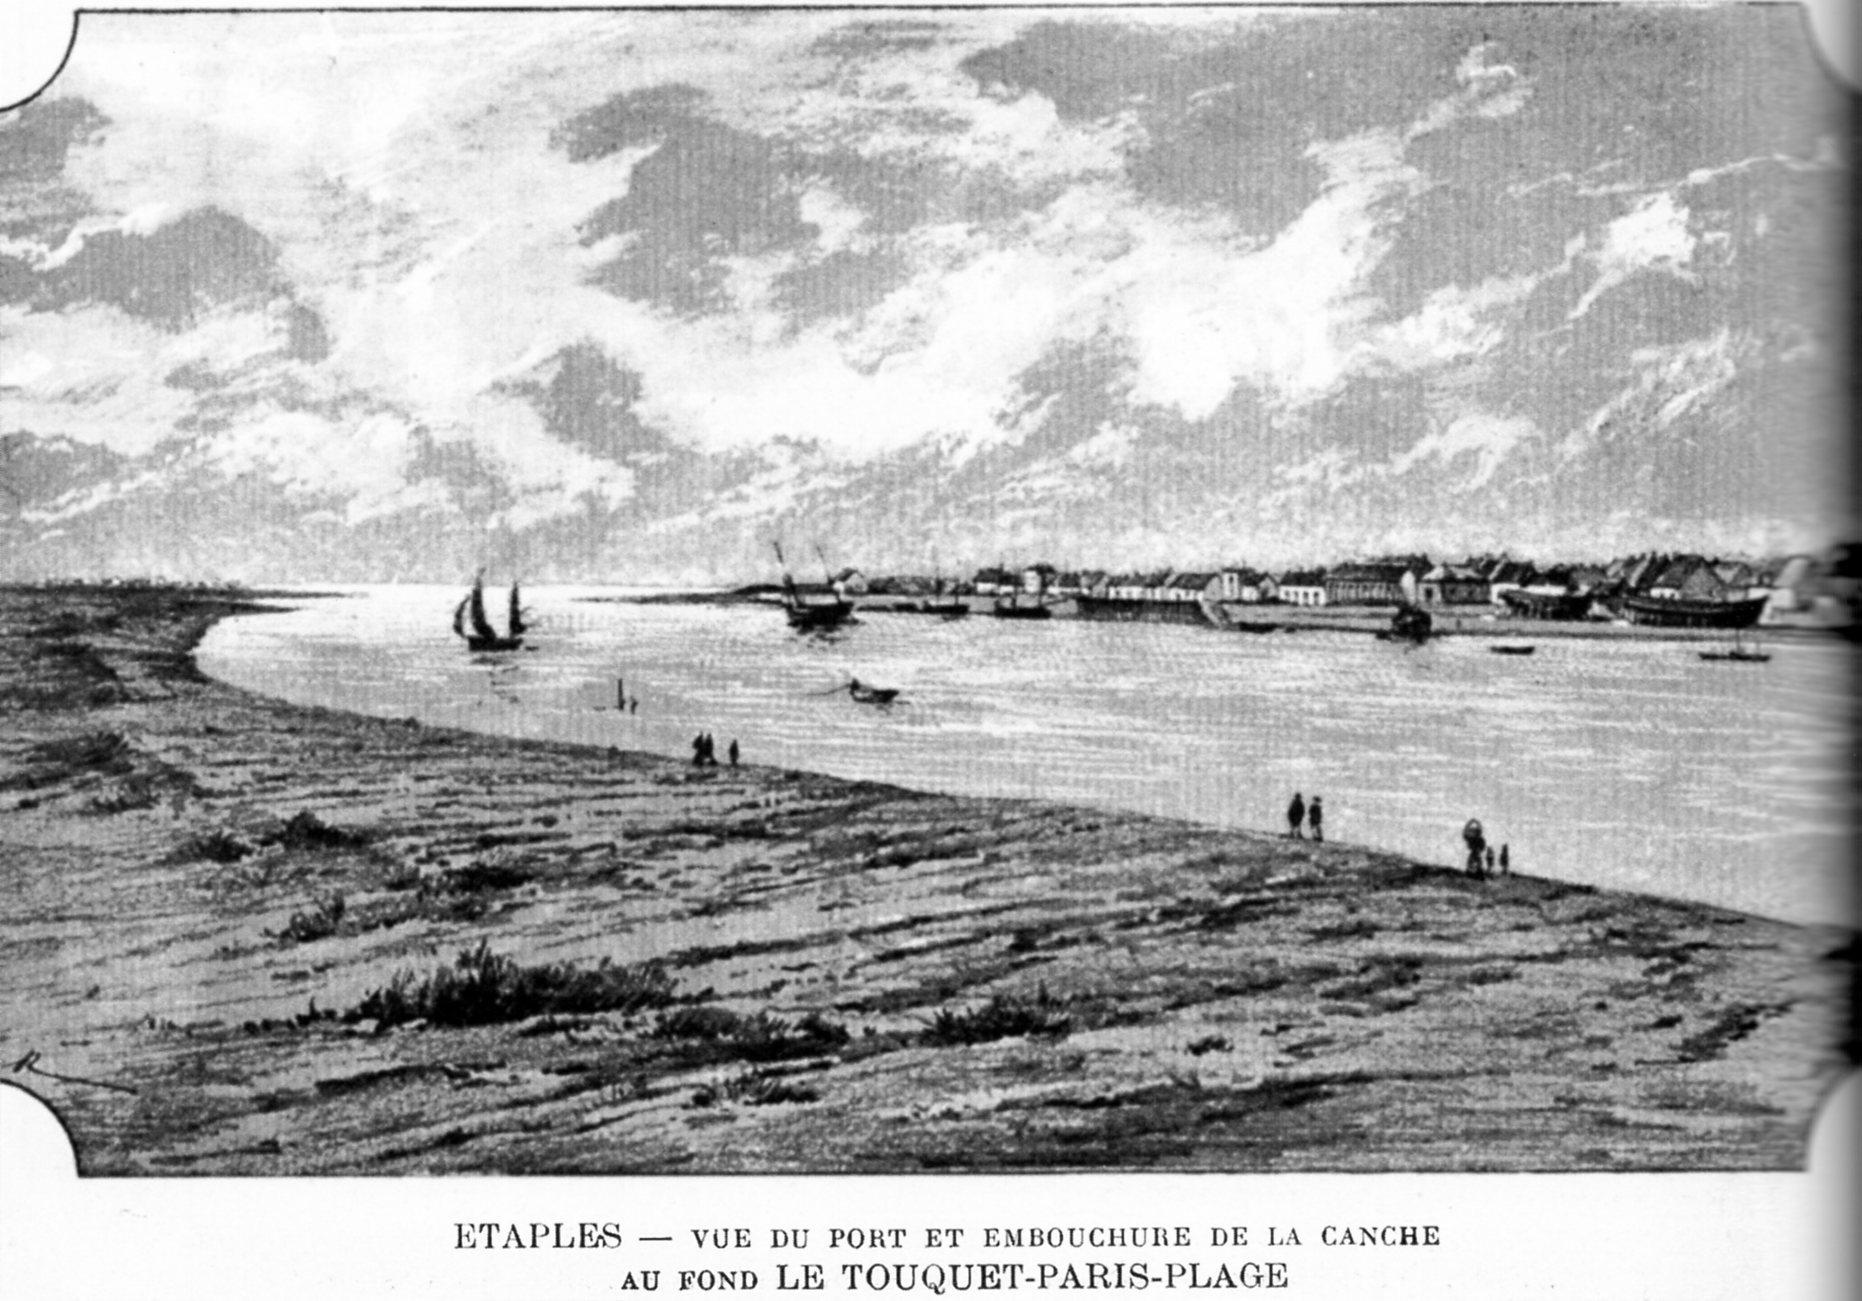 Etaples Stella et Merlimont plage Calais Avant hier